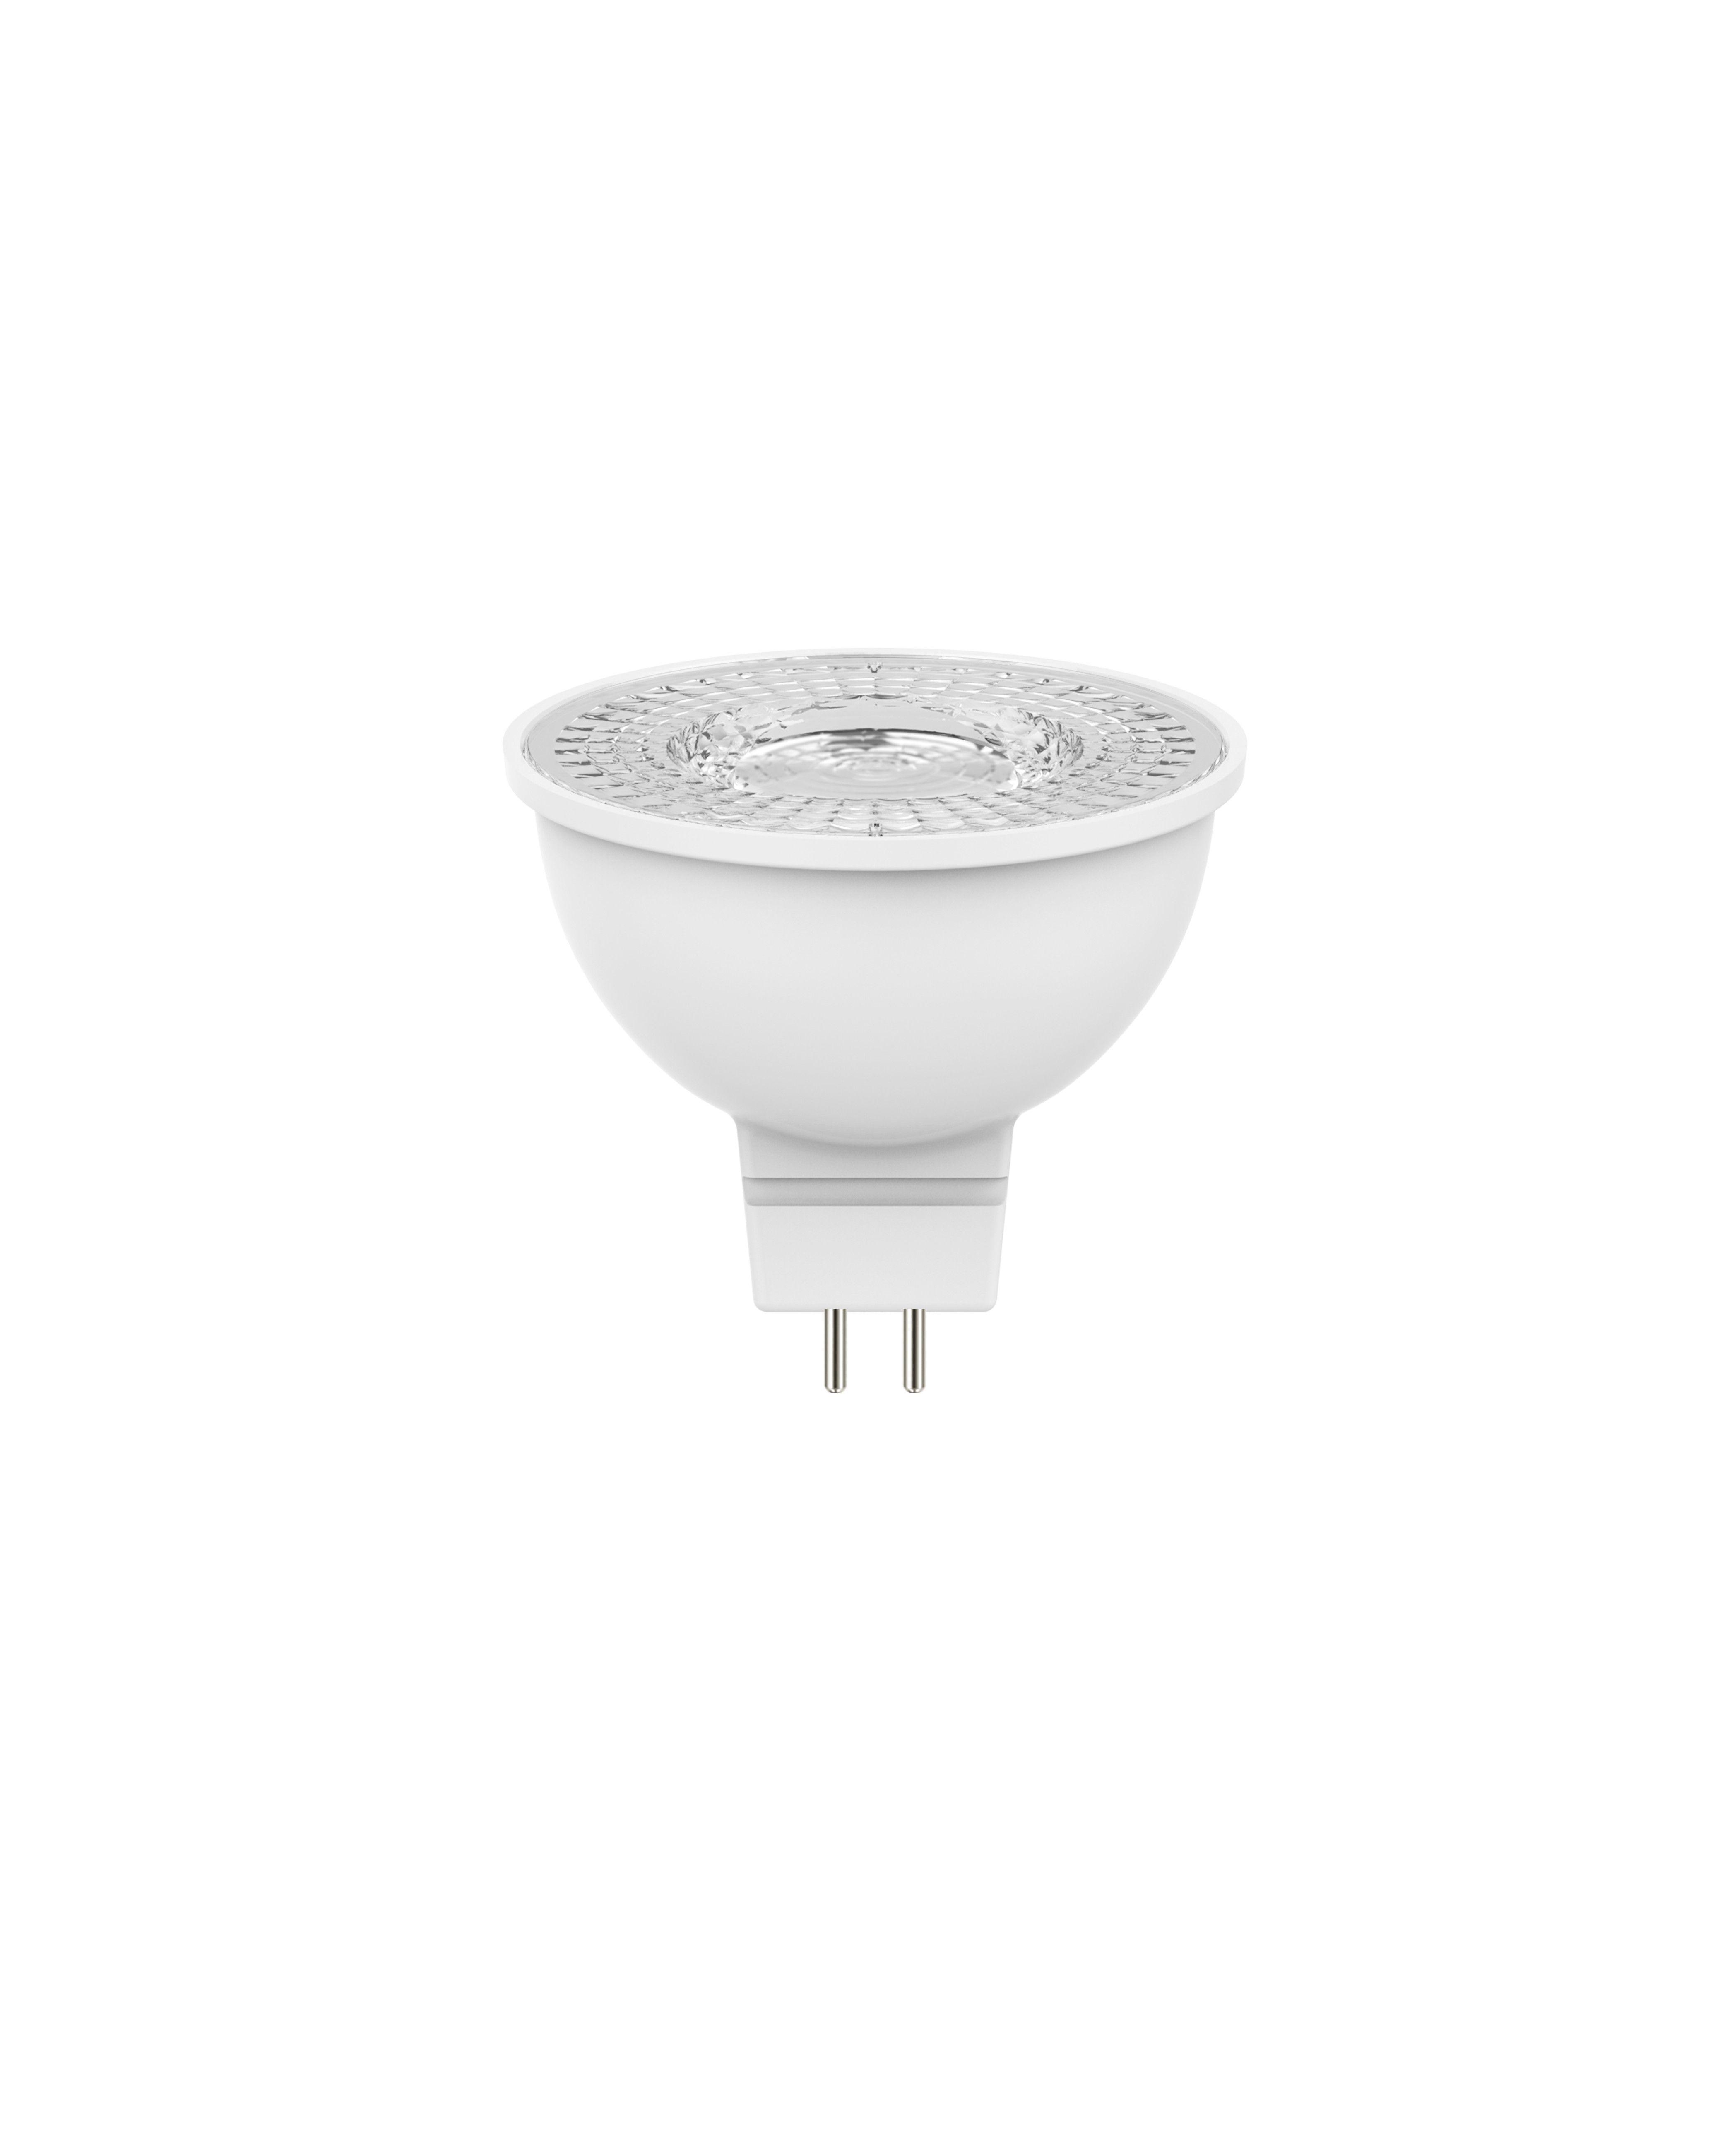 Лампа светодиодная Osram LSMR1650110 4, 2W/850230VGU5.310X1RUOSRAM нейтральный-бе, Osram Ledvance  - Купить